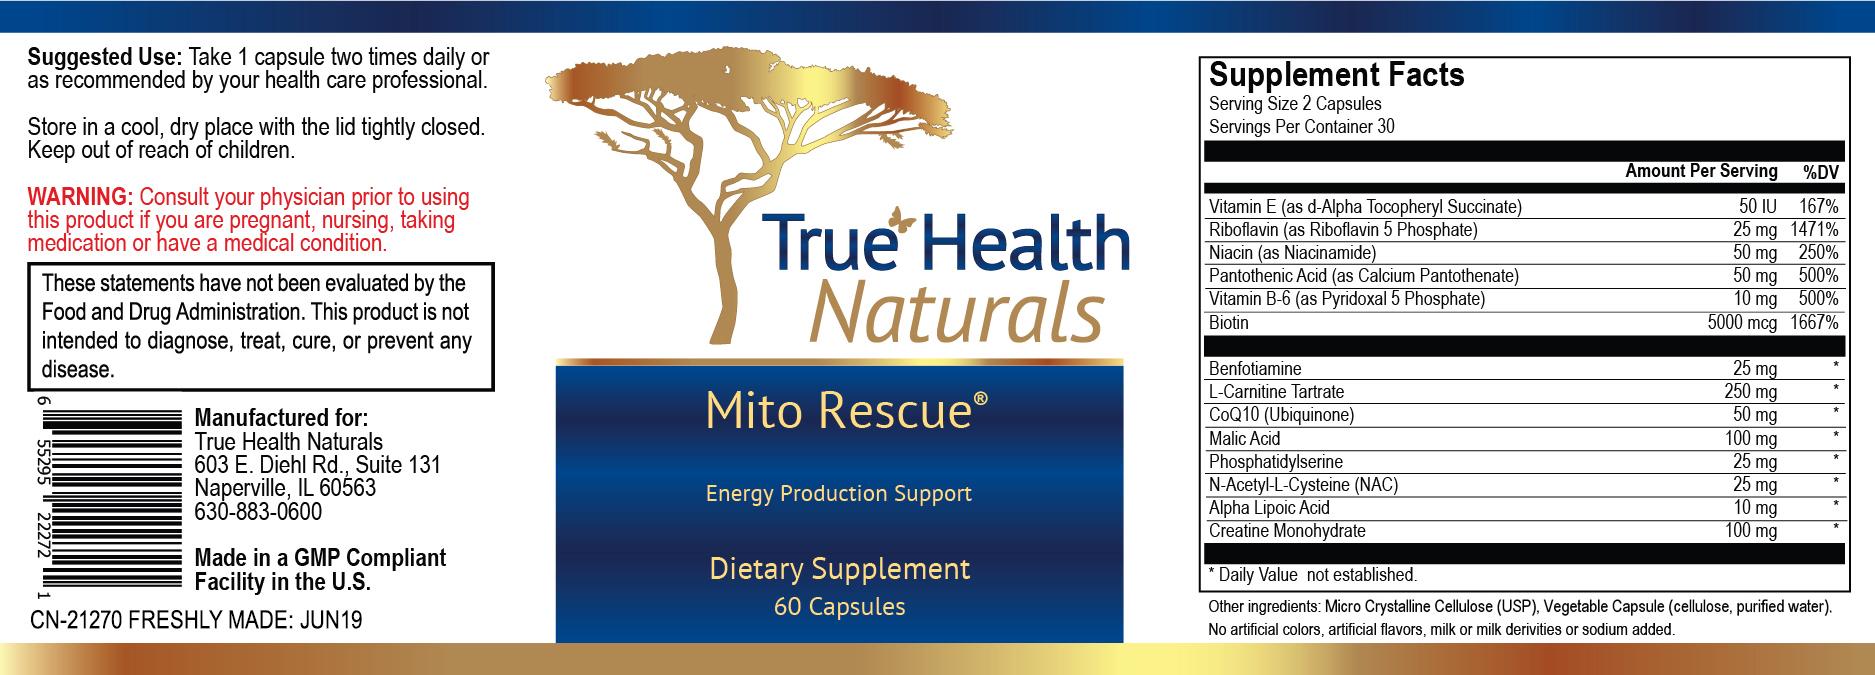 Mito Rescue Label Print